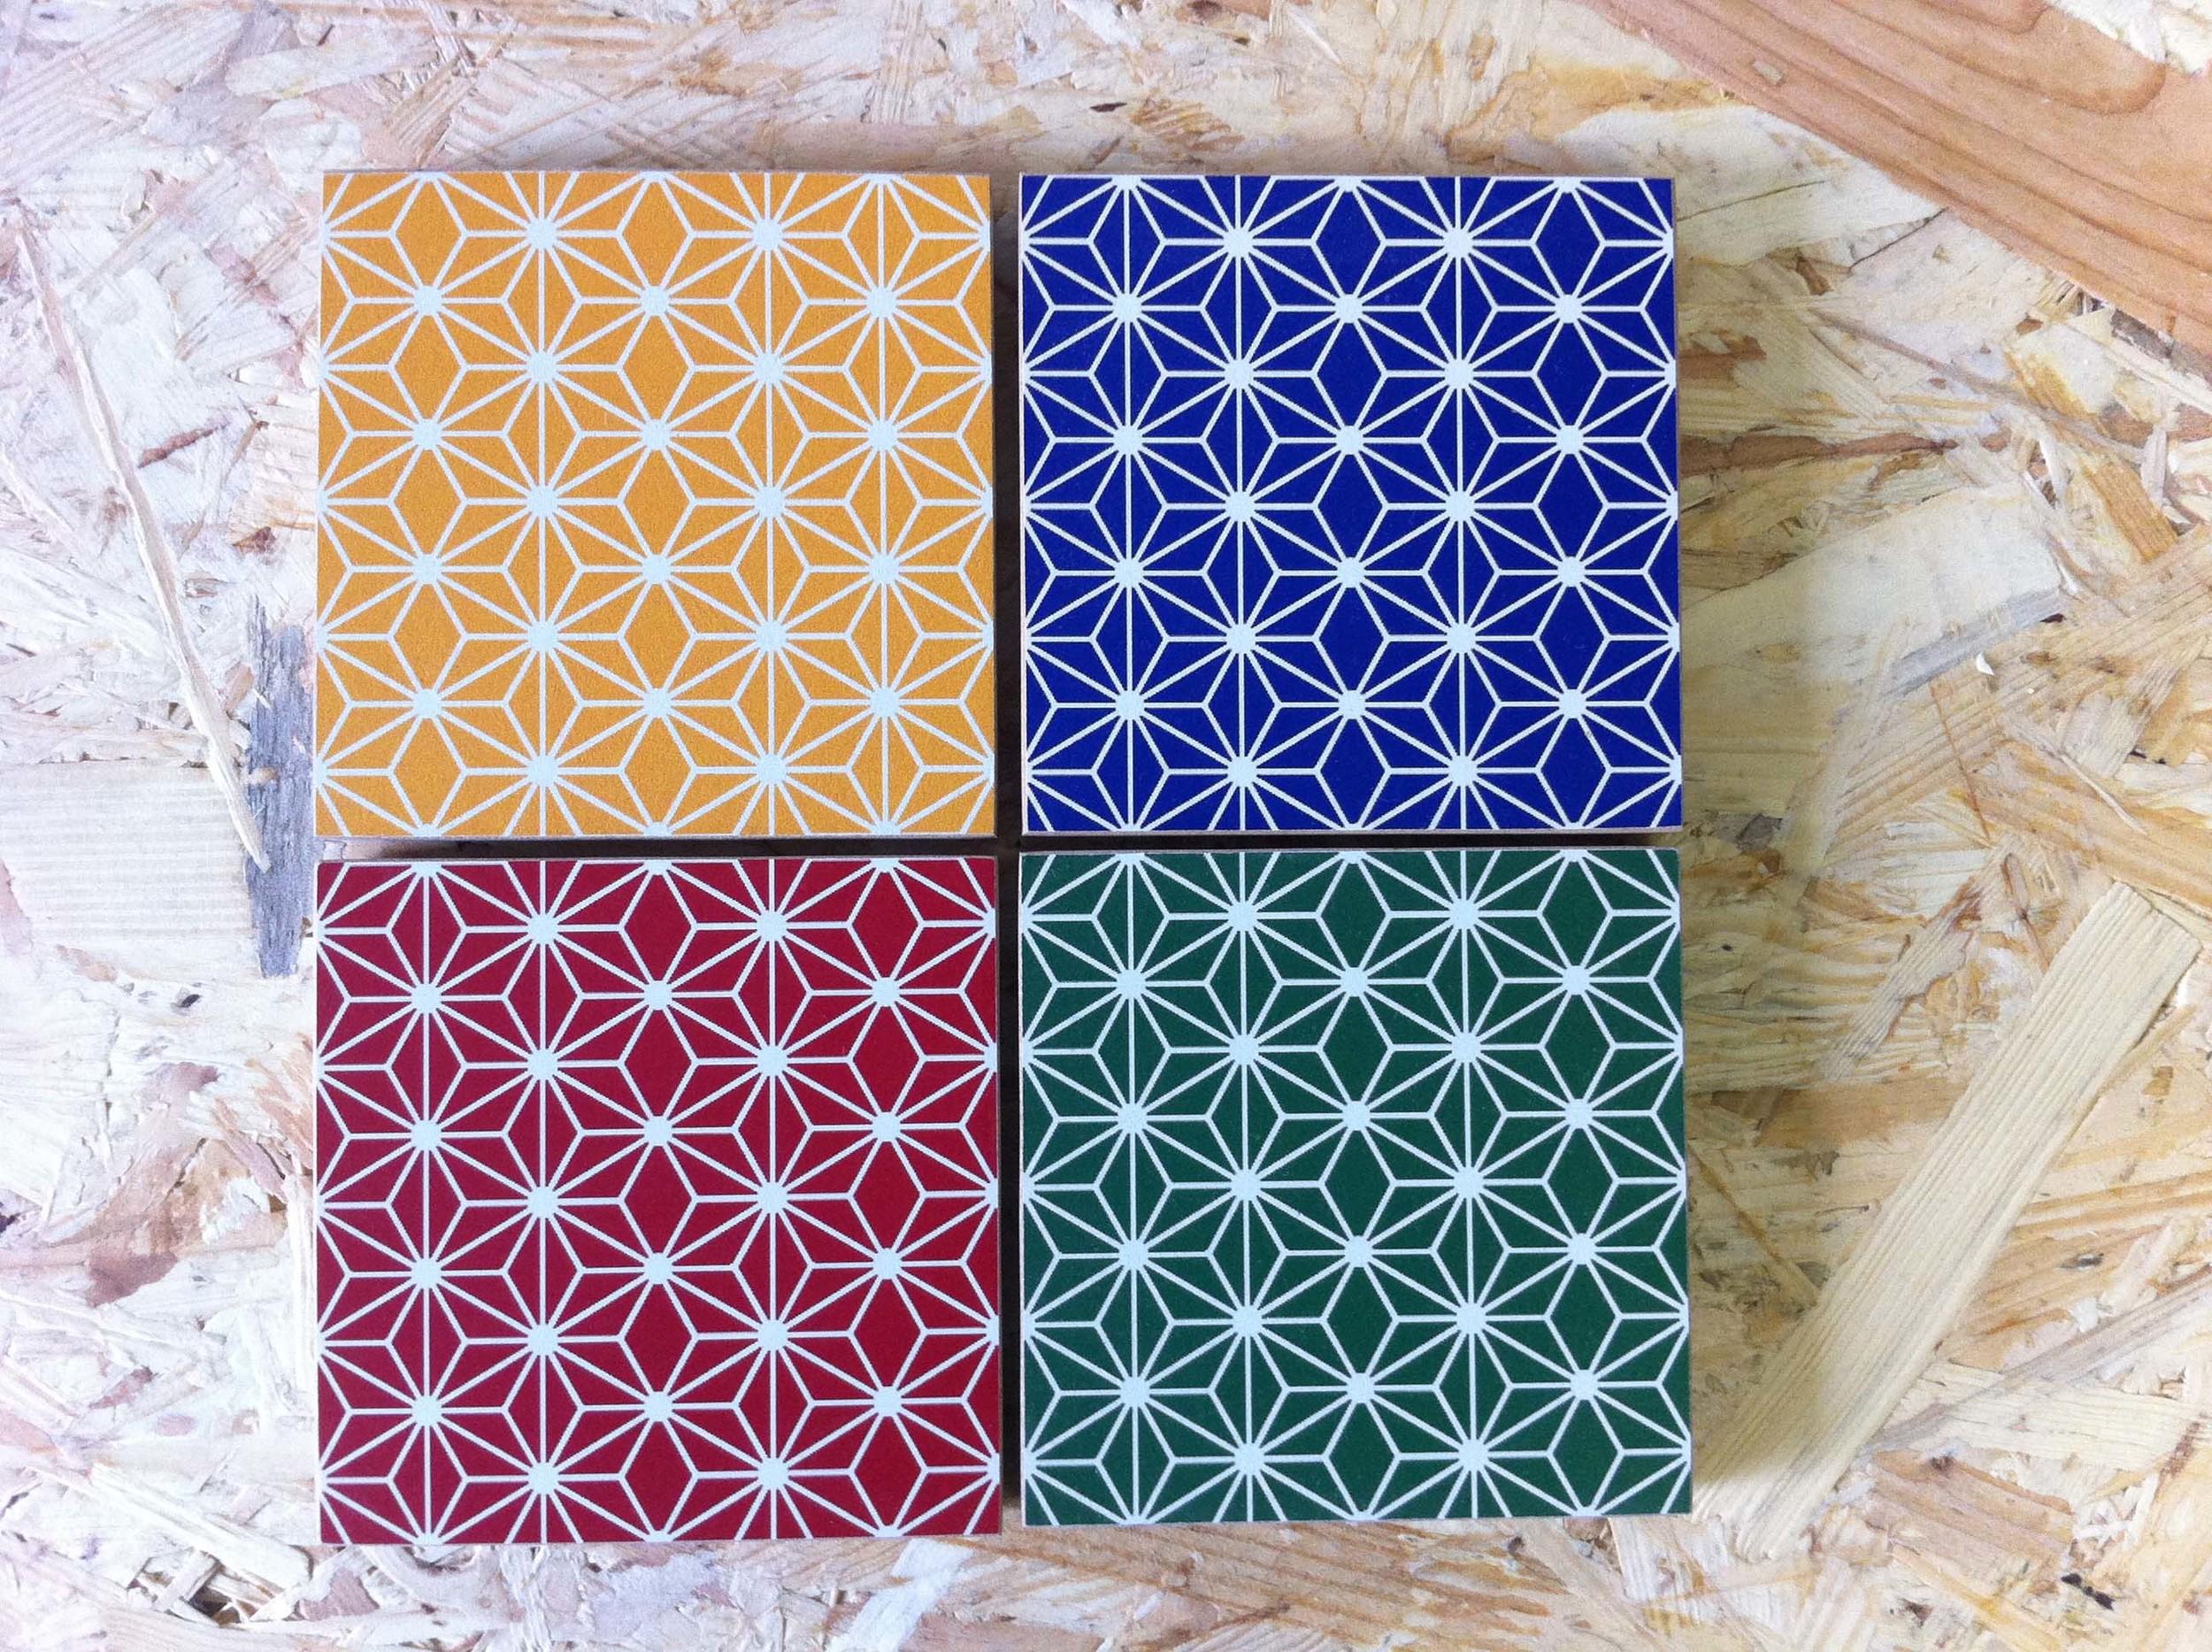 4 étoiles2 patterns color ànouveau upcycling écodesign.JPG